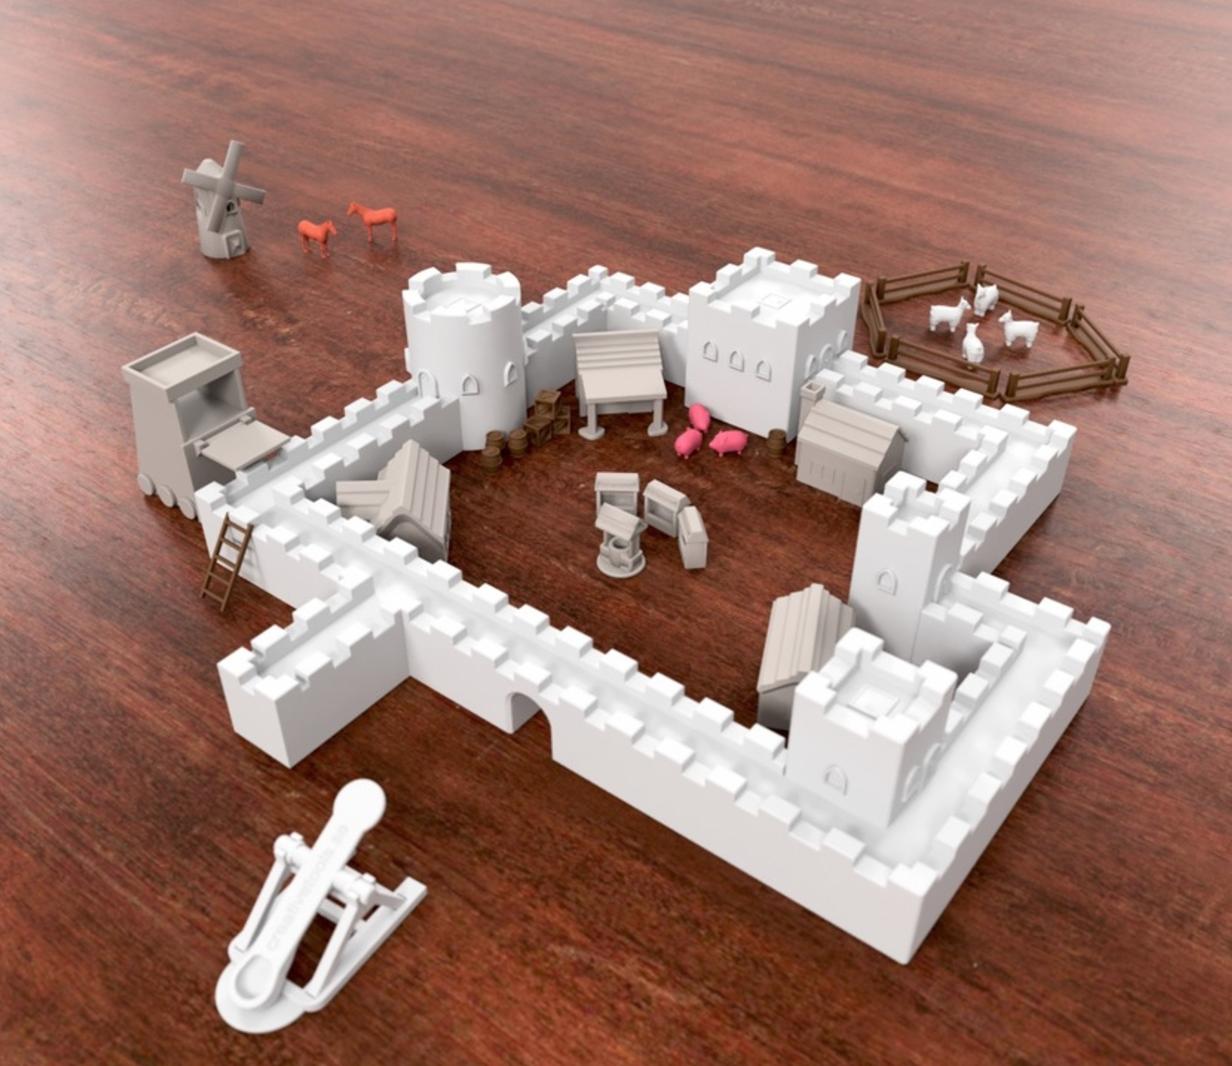 Capture d'écran 2016-12-02 à 17.12.11.png Télécharger fichier STL gratuit Plateau modulaire de château (imprimable en 3D) • Modèle à imprimer en 3D, CreativeTools